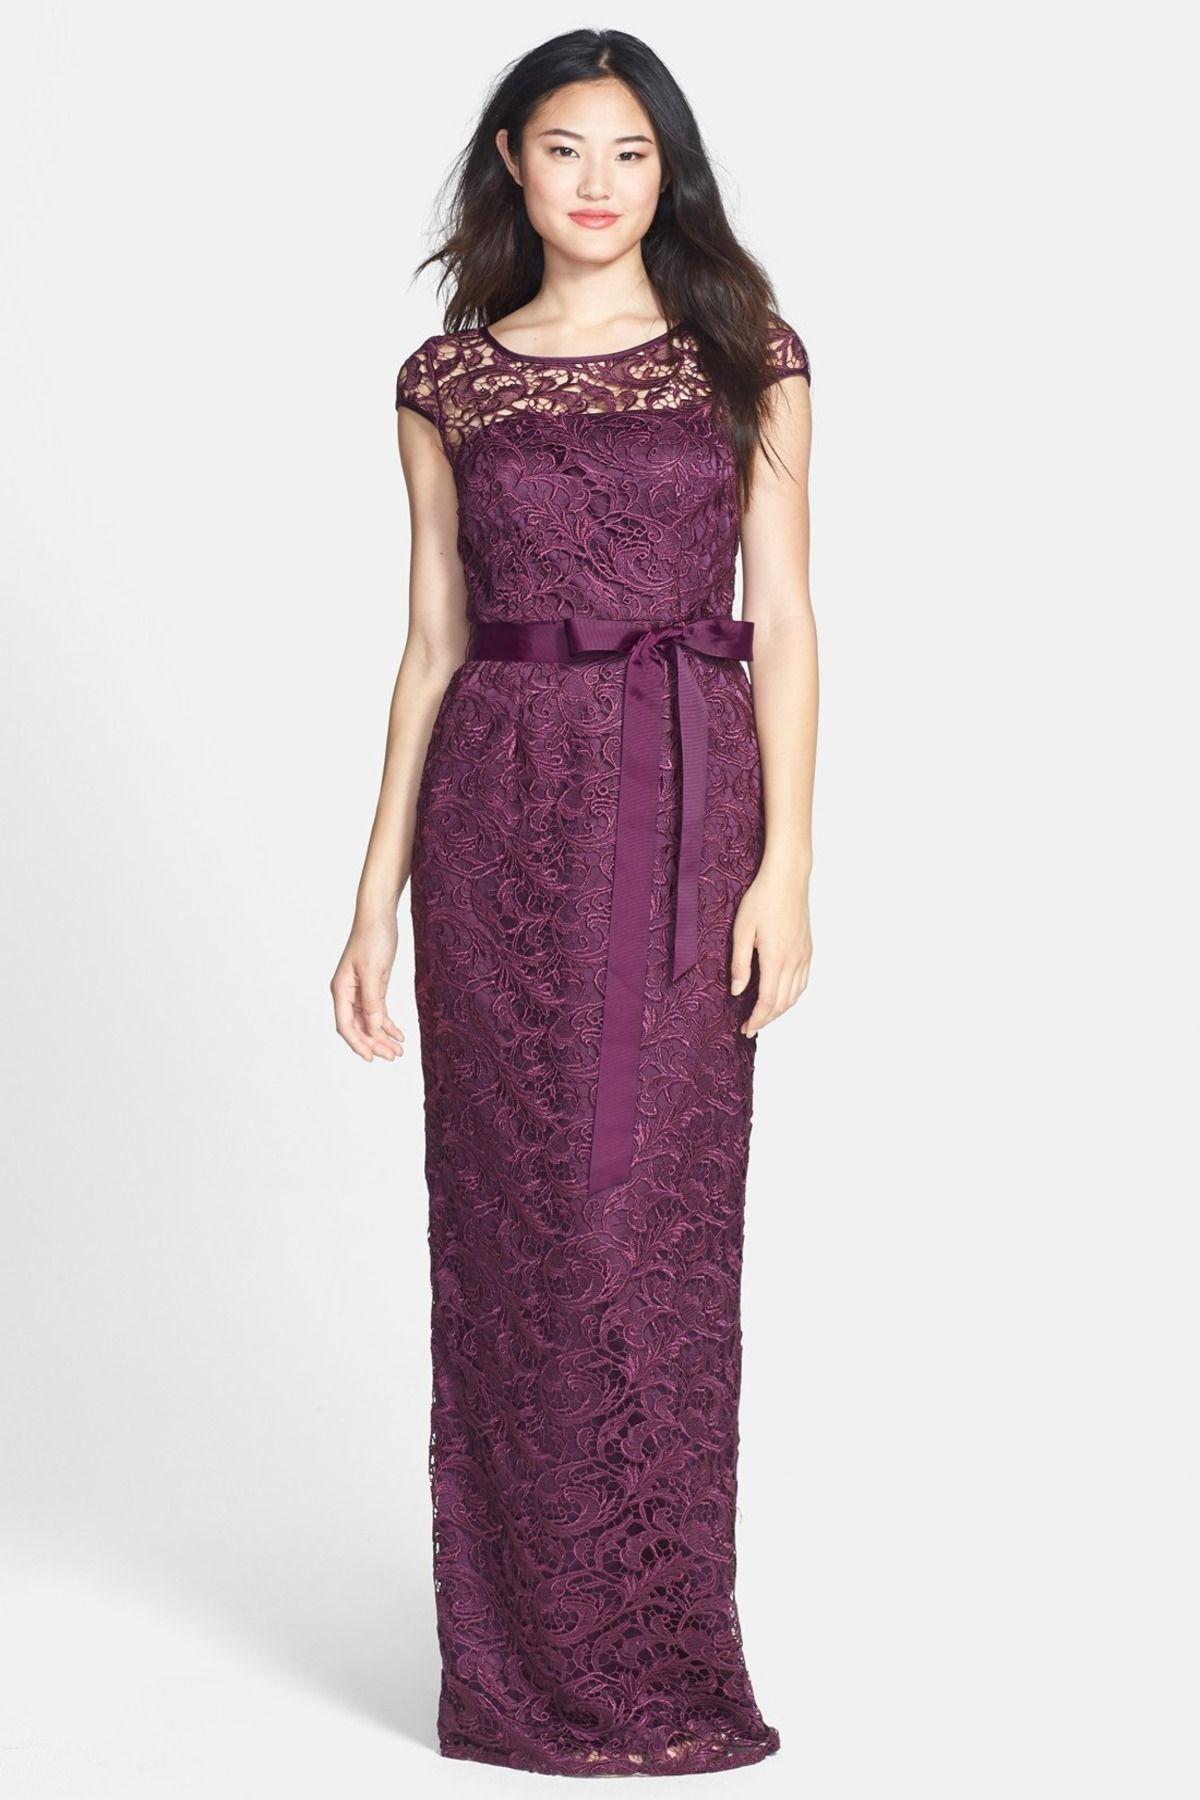 Adrianna Papell | Lace Gown | Trajes de fiesta, Vestido largo y ...